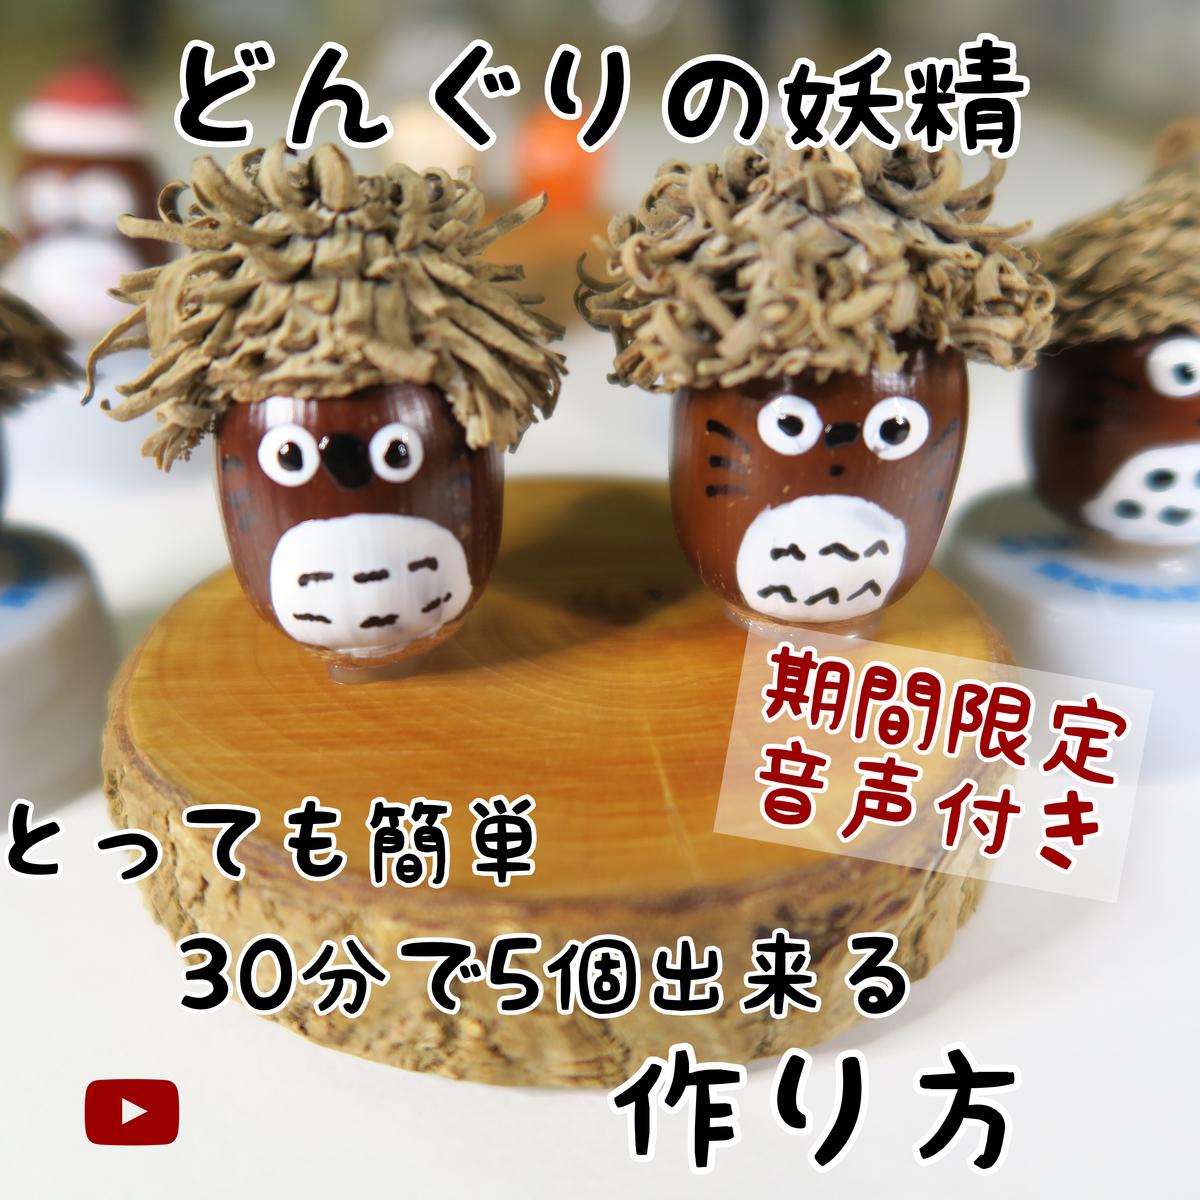 f:id:oryokobo:20201004185625j:plain